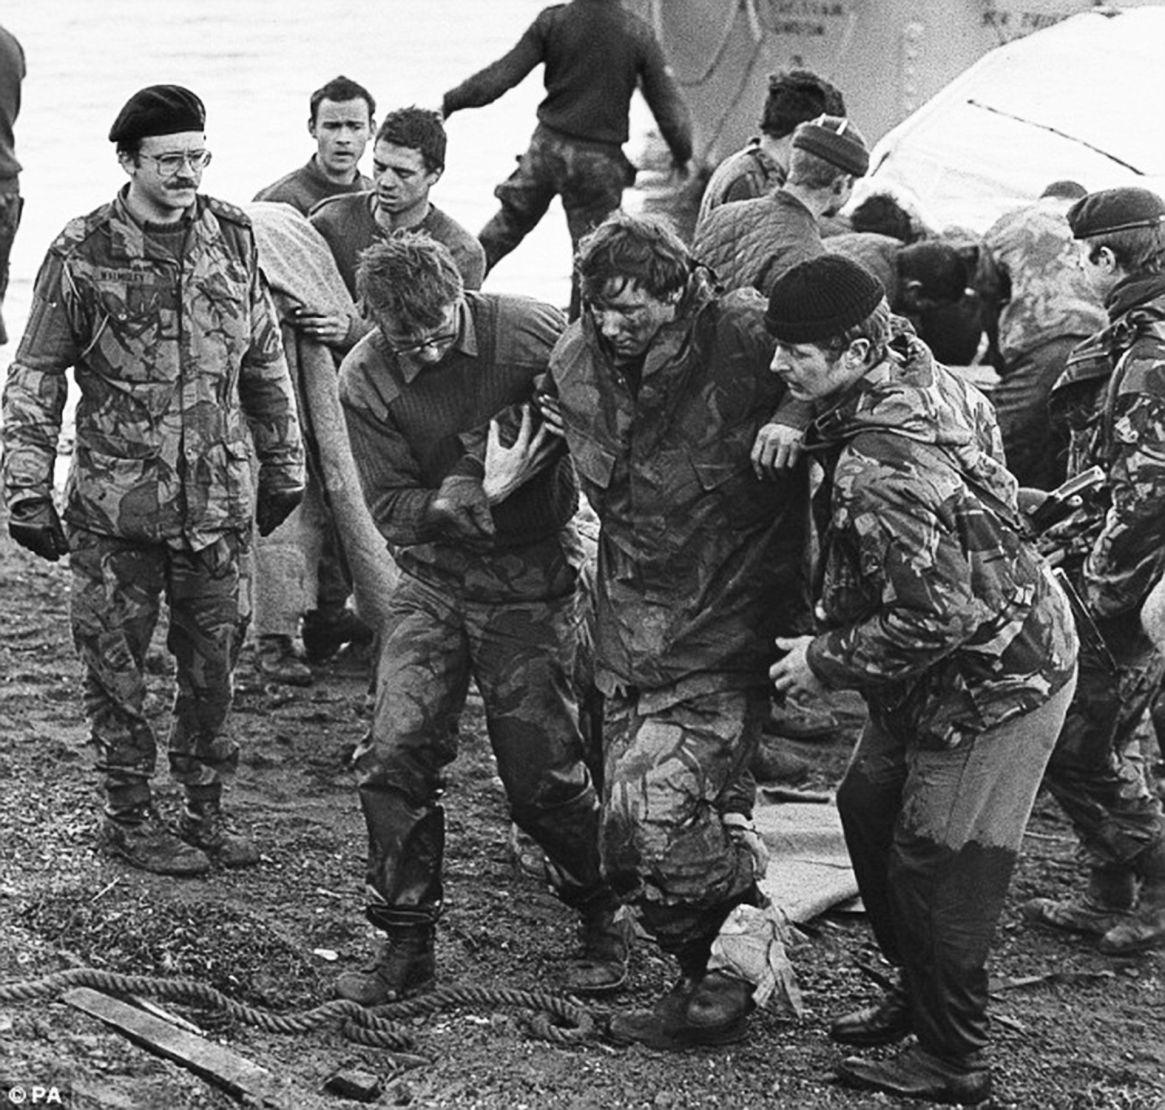 Heridos británicos luego de la avanzada final hacia Puerto Argentino. Los ingleses sufrieron 255 bajas durante el conflicto armado de 1982